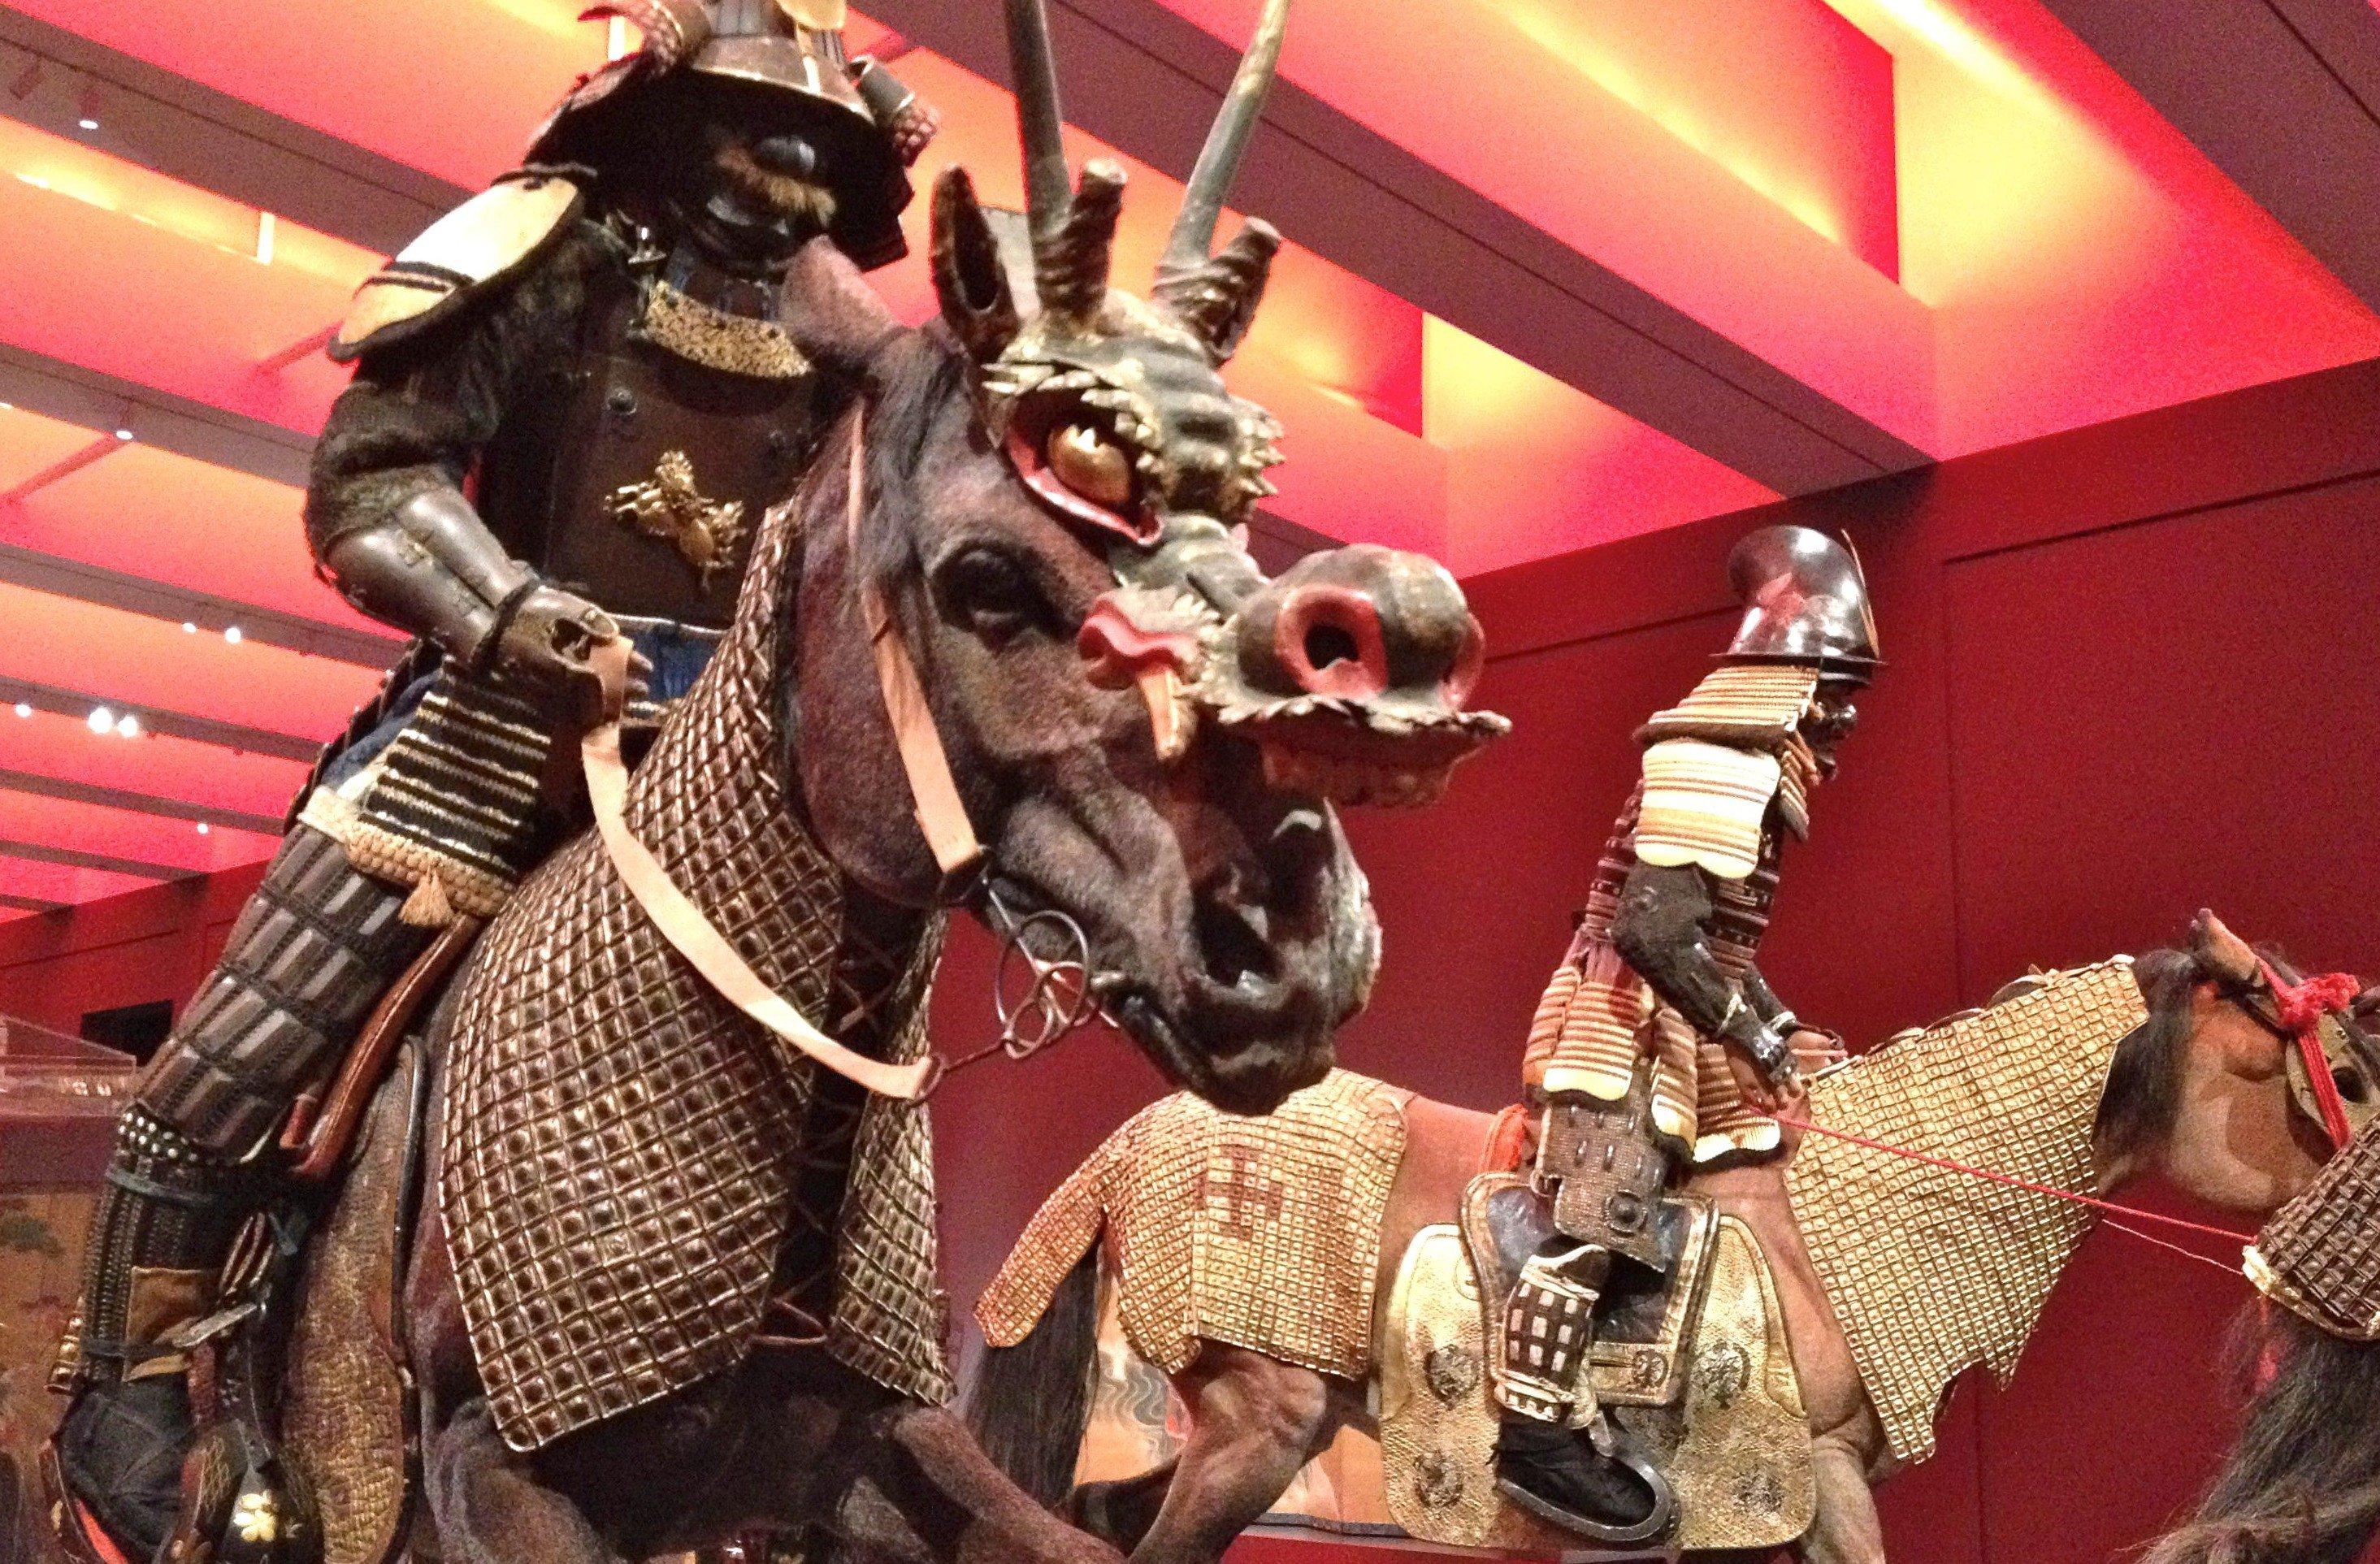 Samurai Exhibit at LACMA Displays Evolution of Armor and Lore